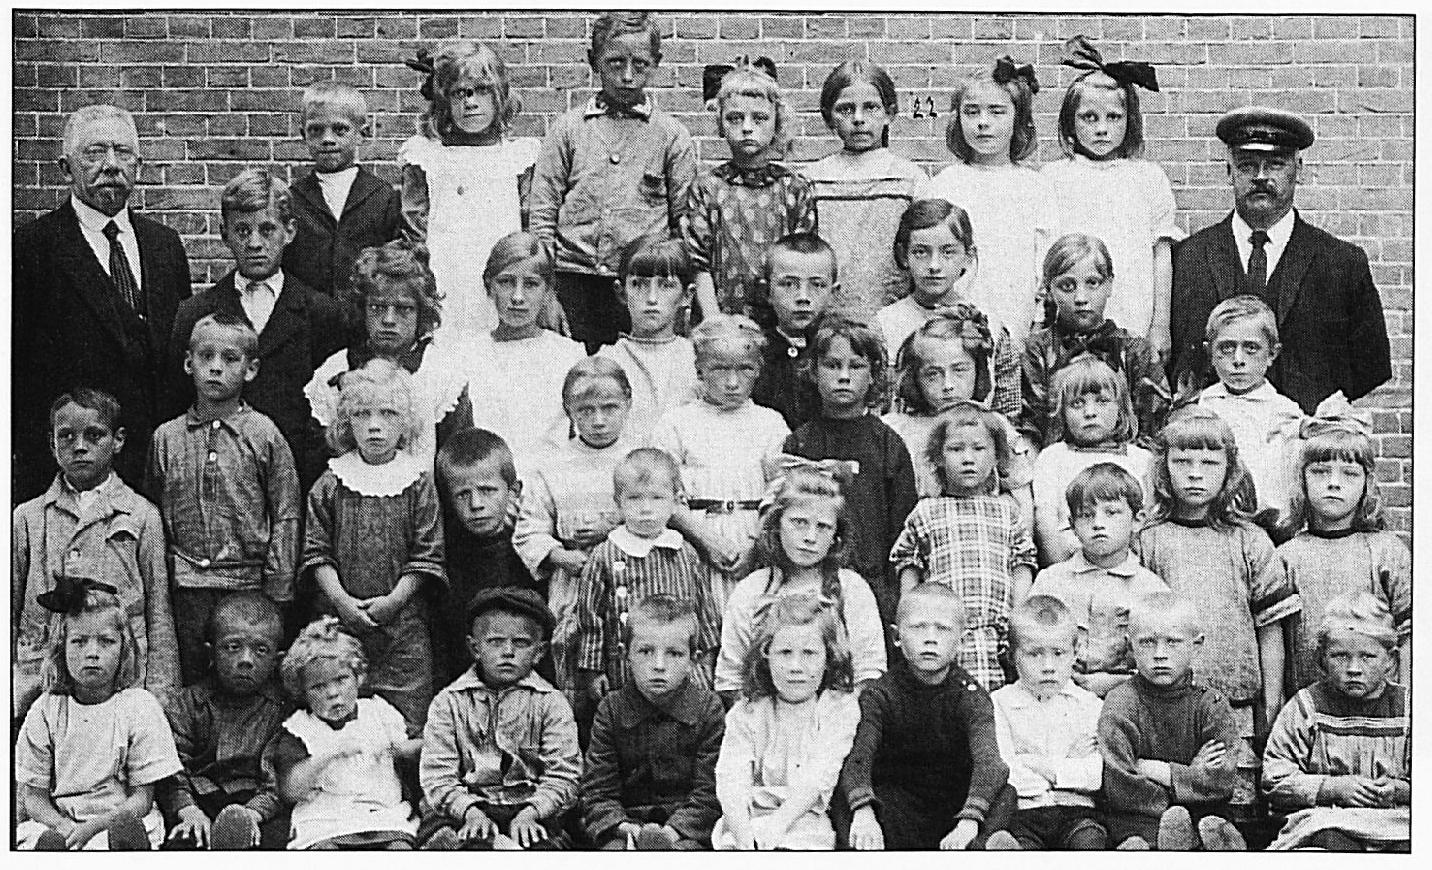 Deze schoolfoto stamt uit 1924/ 1925. In tegenstelling tot de voorgaande foto's beginnen we nu v.l.n.r. op de voorste rij: Aaltje Oosterholt, Johan Vermeulen, Tonnie Janssen, Toon van Oort, Wim Vermeulen, (?)Vincent, Jan van Teeffelen, Gerard Vincent, Kees van Verseveld, Neeltje van Verseveld. Tweede rij: Jo van Zwam, Jan van Oorsouw, Joke Janssen, Thé Vermeulen, Gerard de Vaan, Nolda Vincent, Doortje van Deursen, Johan van Os, Nelly van Oijen, Corry van Oijen. Tussenrij, beginnend met het meisje dat boven Toon van Oort half tussen Thé Vermeulen en Gerard de Vaan in staat: Katrien van Oort, Marie van Oort , Tonnie van Deursen, An Vermeulen, Riek Visser, Even Verwoert. Tweede rij van boven: Meester Otten, Niek van Oorsouw, Marietje Janssen, Lies de Vaan, Anneke Vermeulen, Cato Visser. Achterste rij: Sam Janssen, Leen Janssen, Giel Janssen, Nolda van Oorsouw, Jaan Verkerk, Fien Vem1eulen, Nel Visser, Meester Van Oijen.